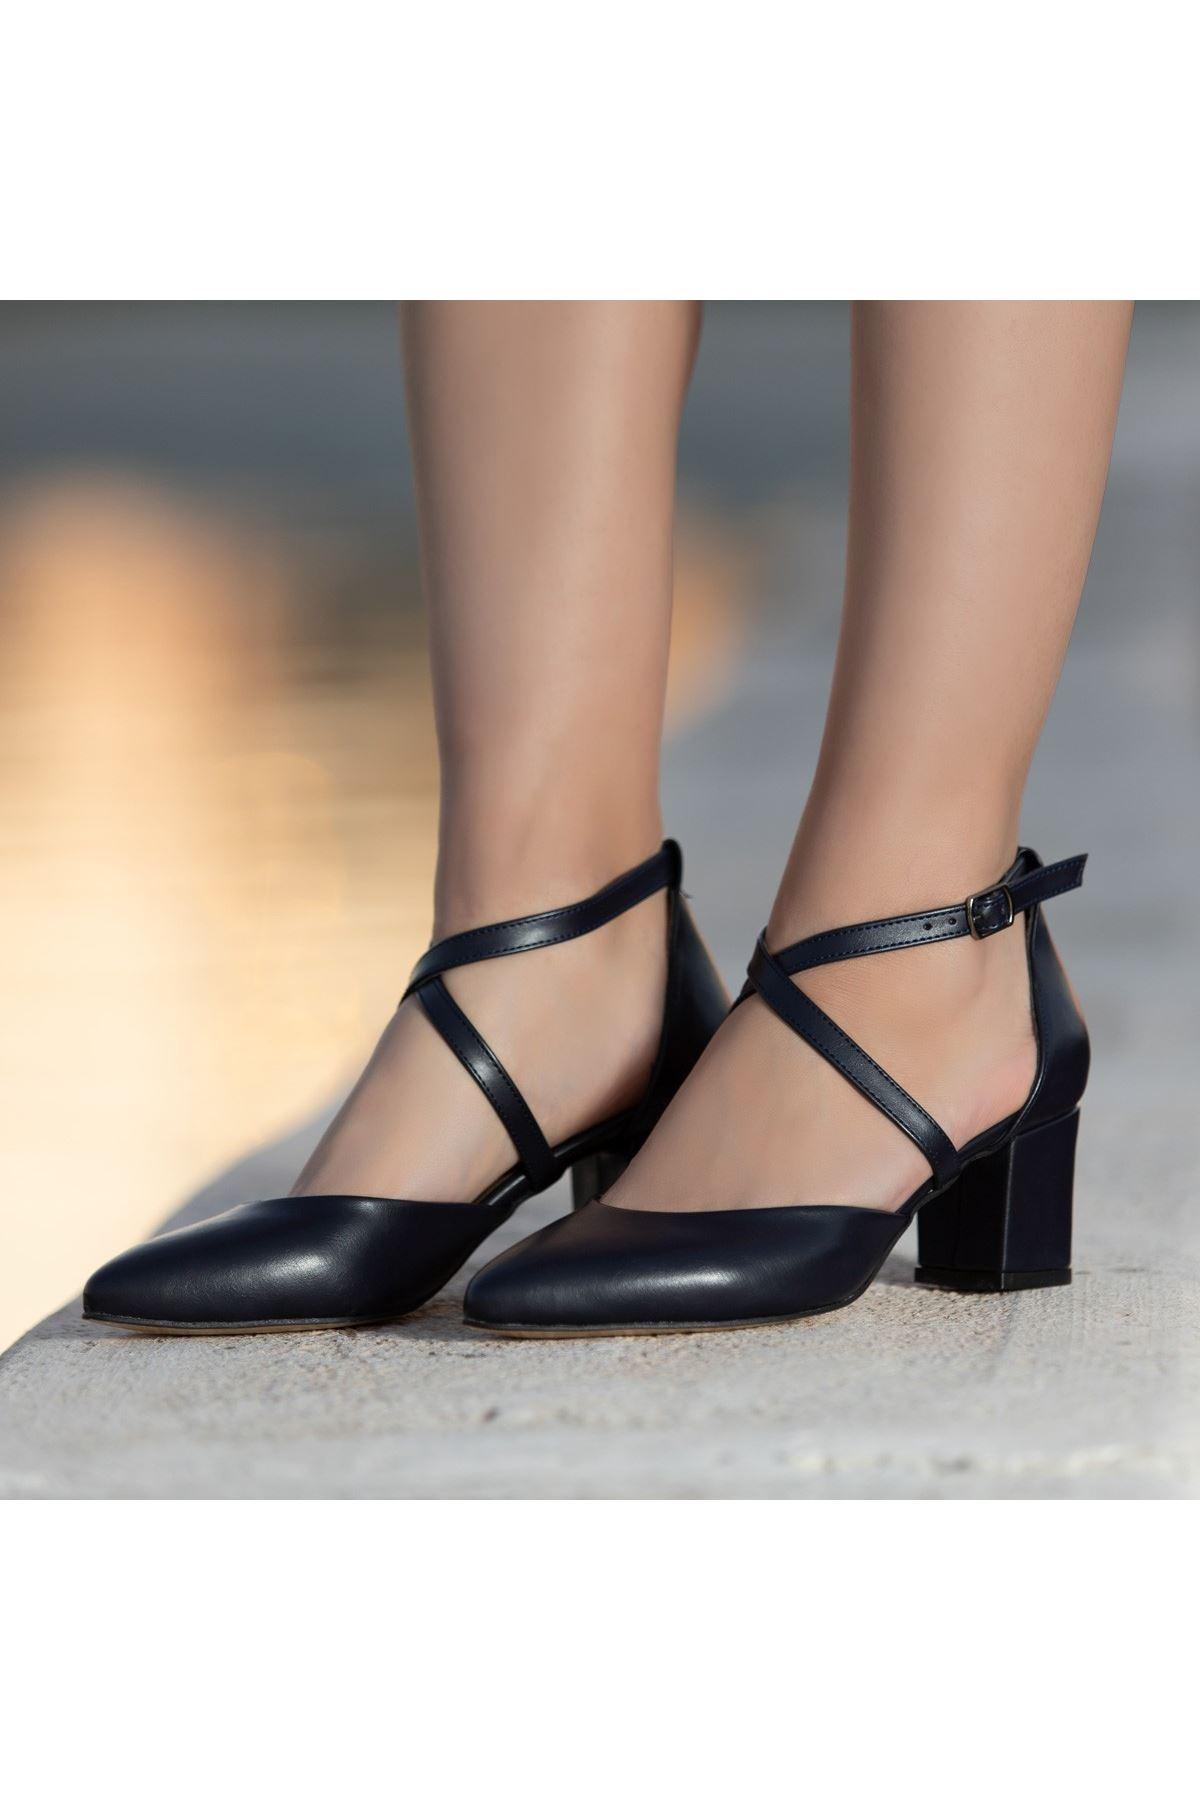 Olla Lacivert Cilt Topuklu Ayakkabı